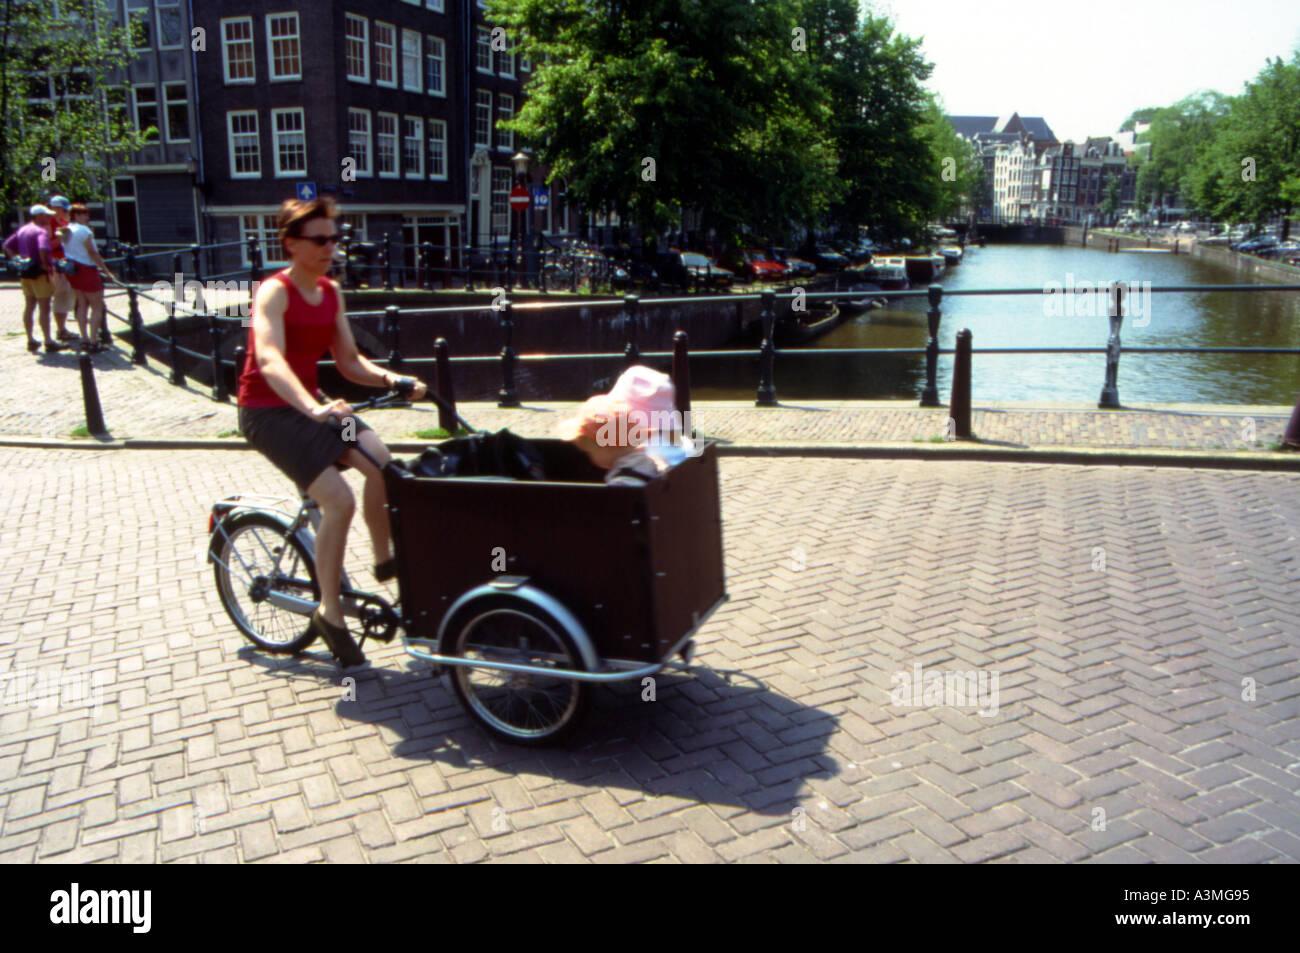 living model amsterdam - Stock Image